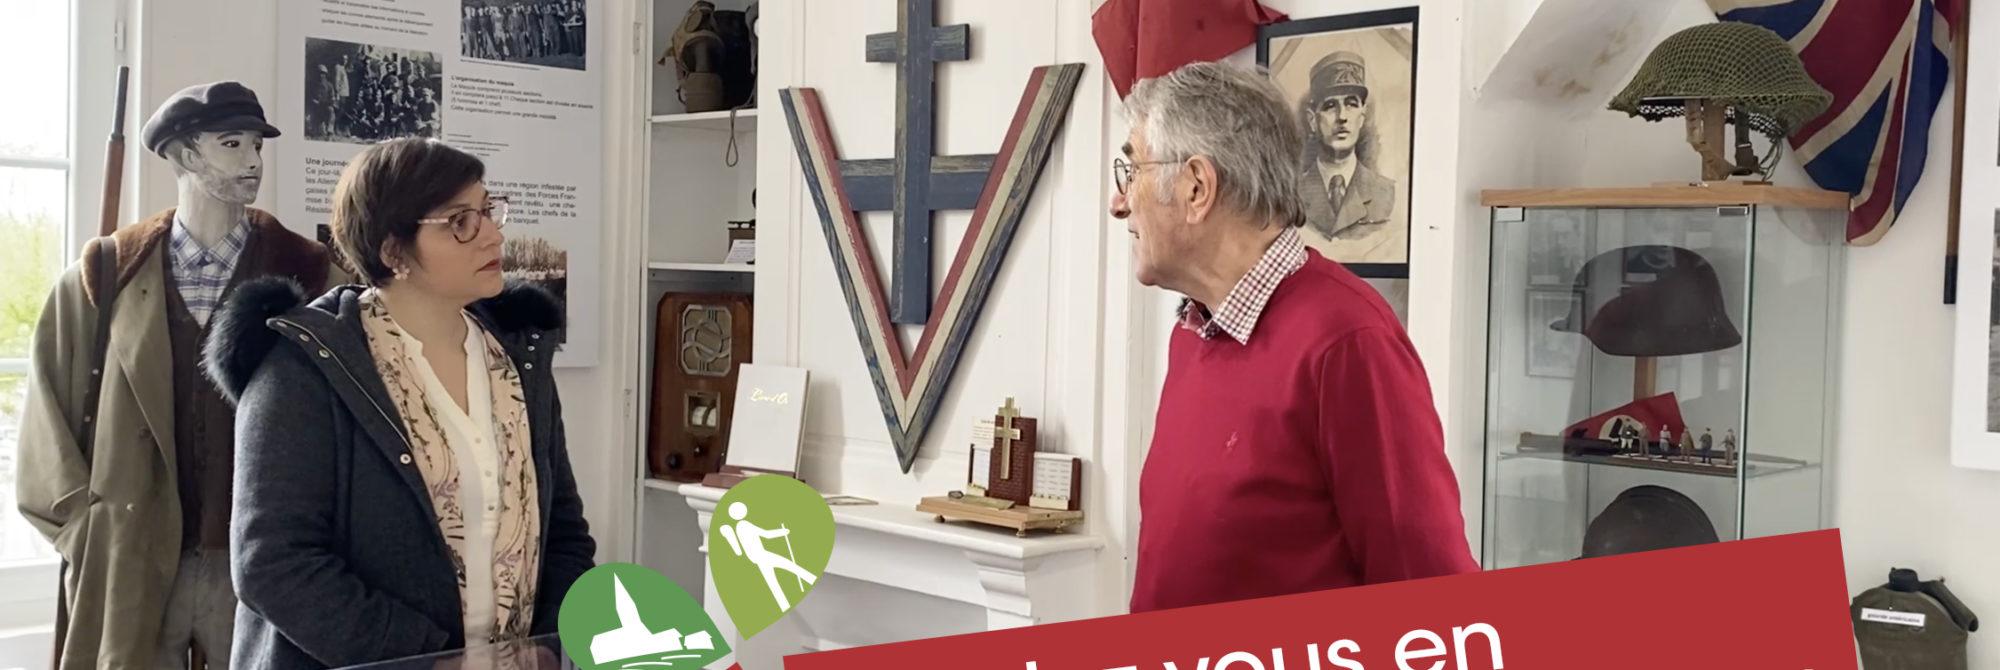 Rendez-vous en Lieuvin Pays d'Auge #9 : Découverte du maquis Surcouf à Saint-Etienne l'Allier   [/video] 1